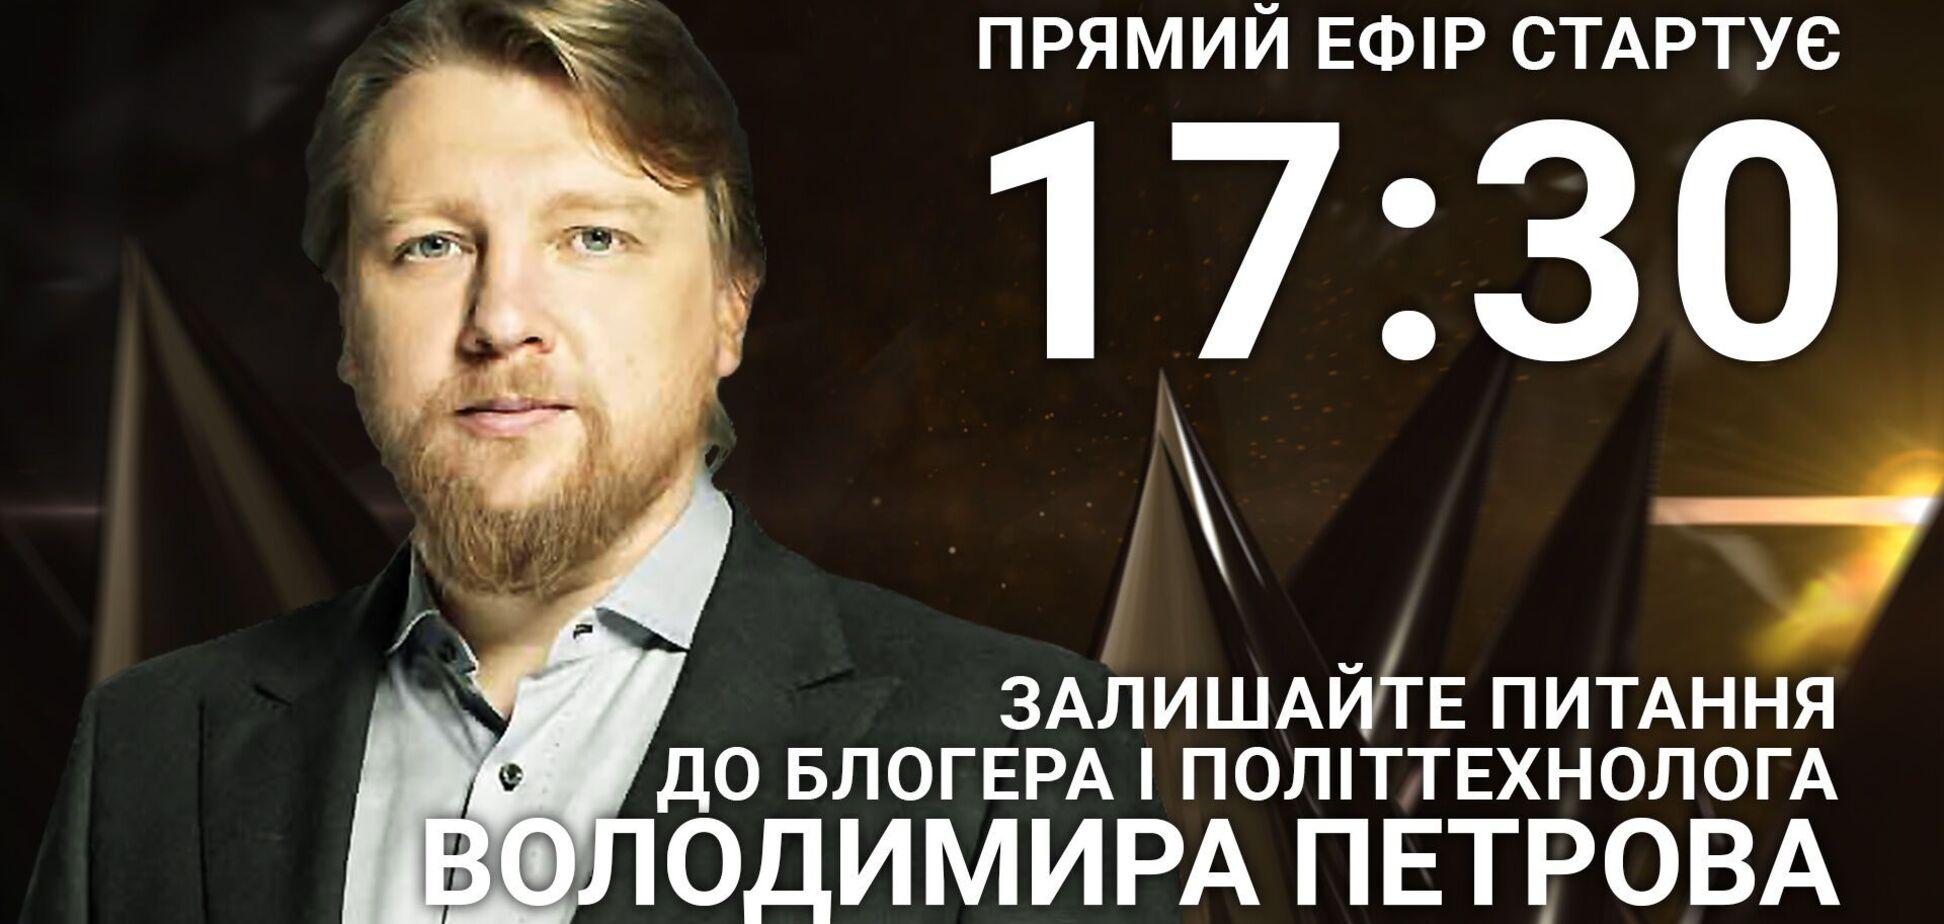 Владимир Петров: задайте блогеру острый вопрос